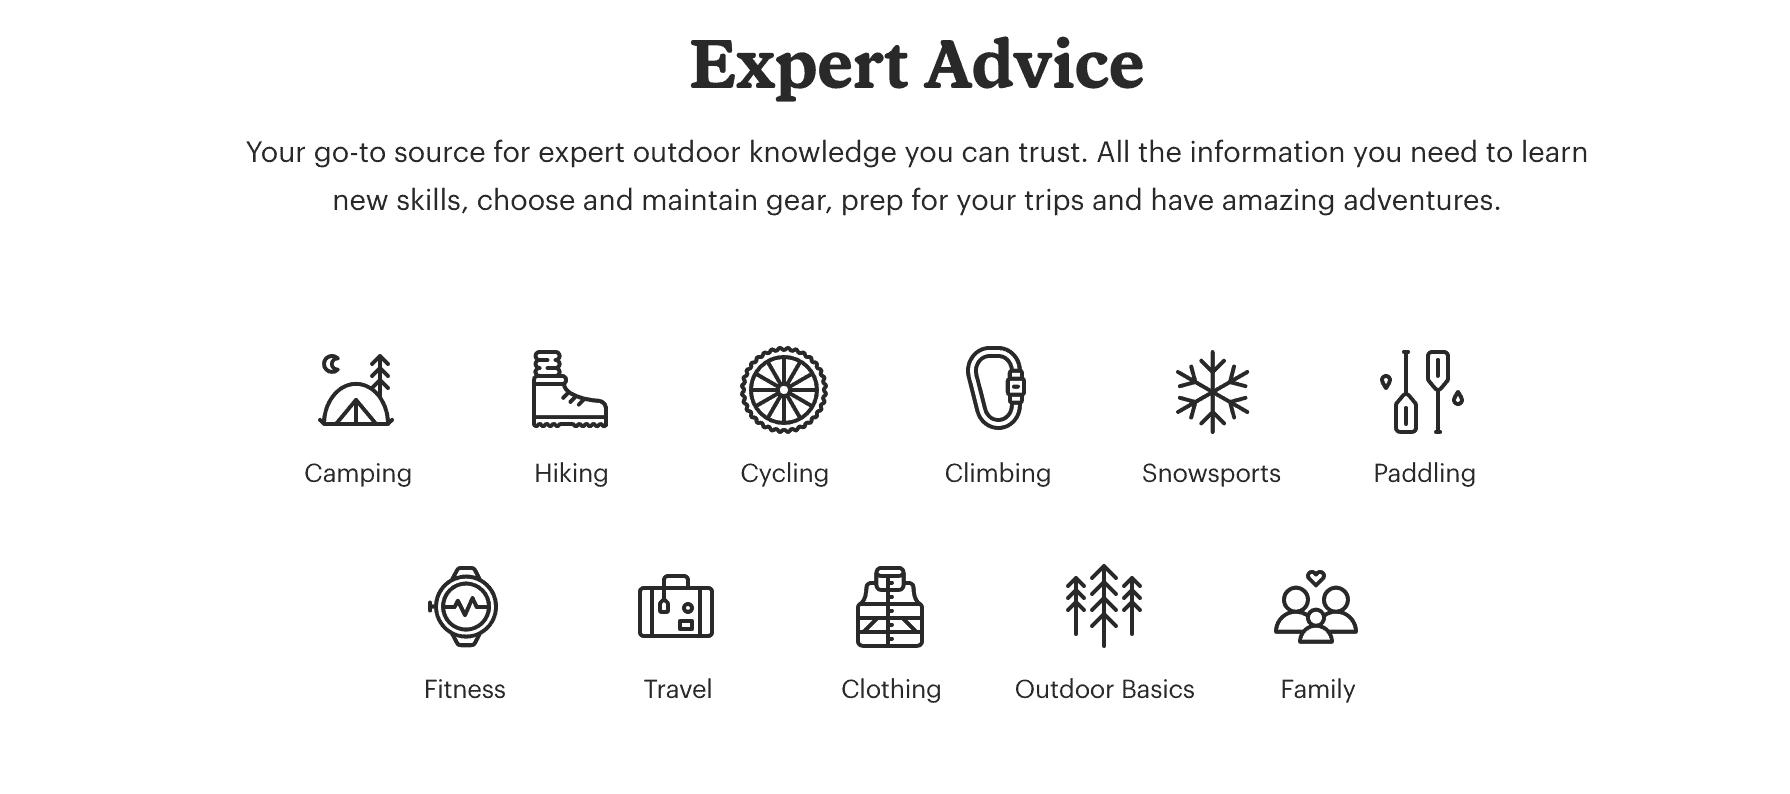 REI Expert Advice